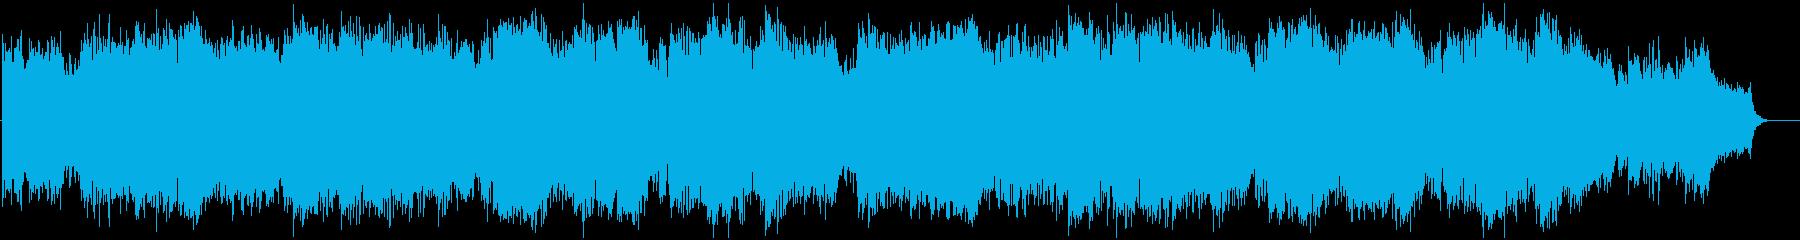 緩やかに流れるようなフルート曲の再生済みの波形